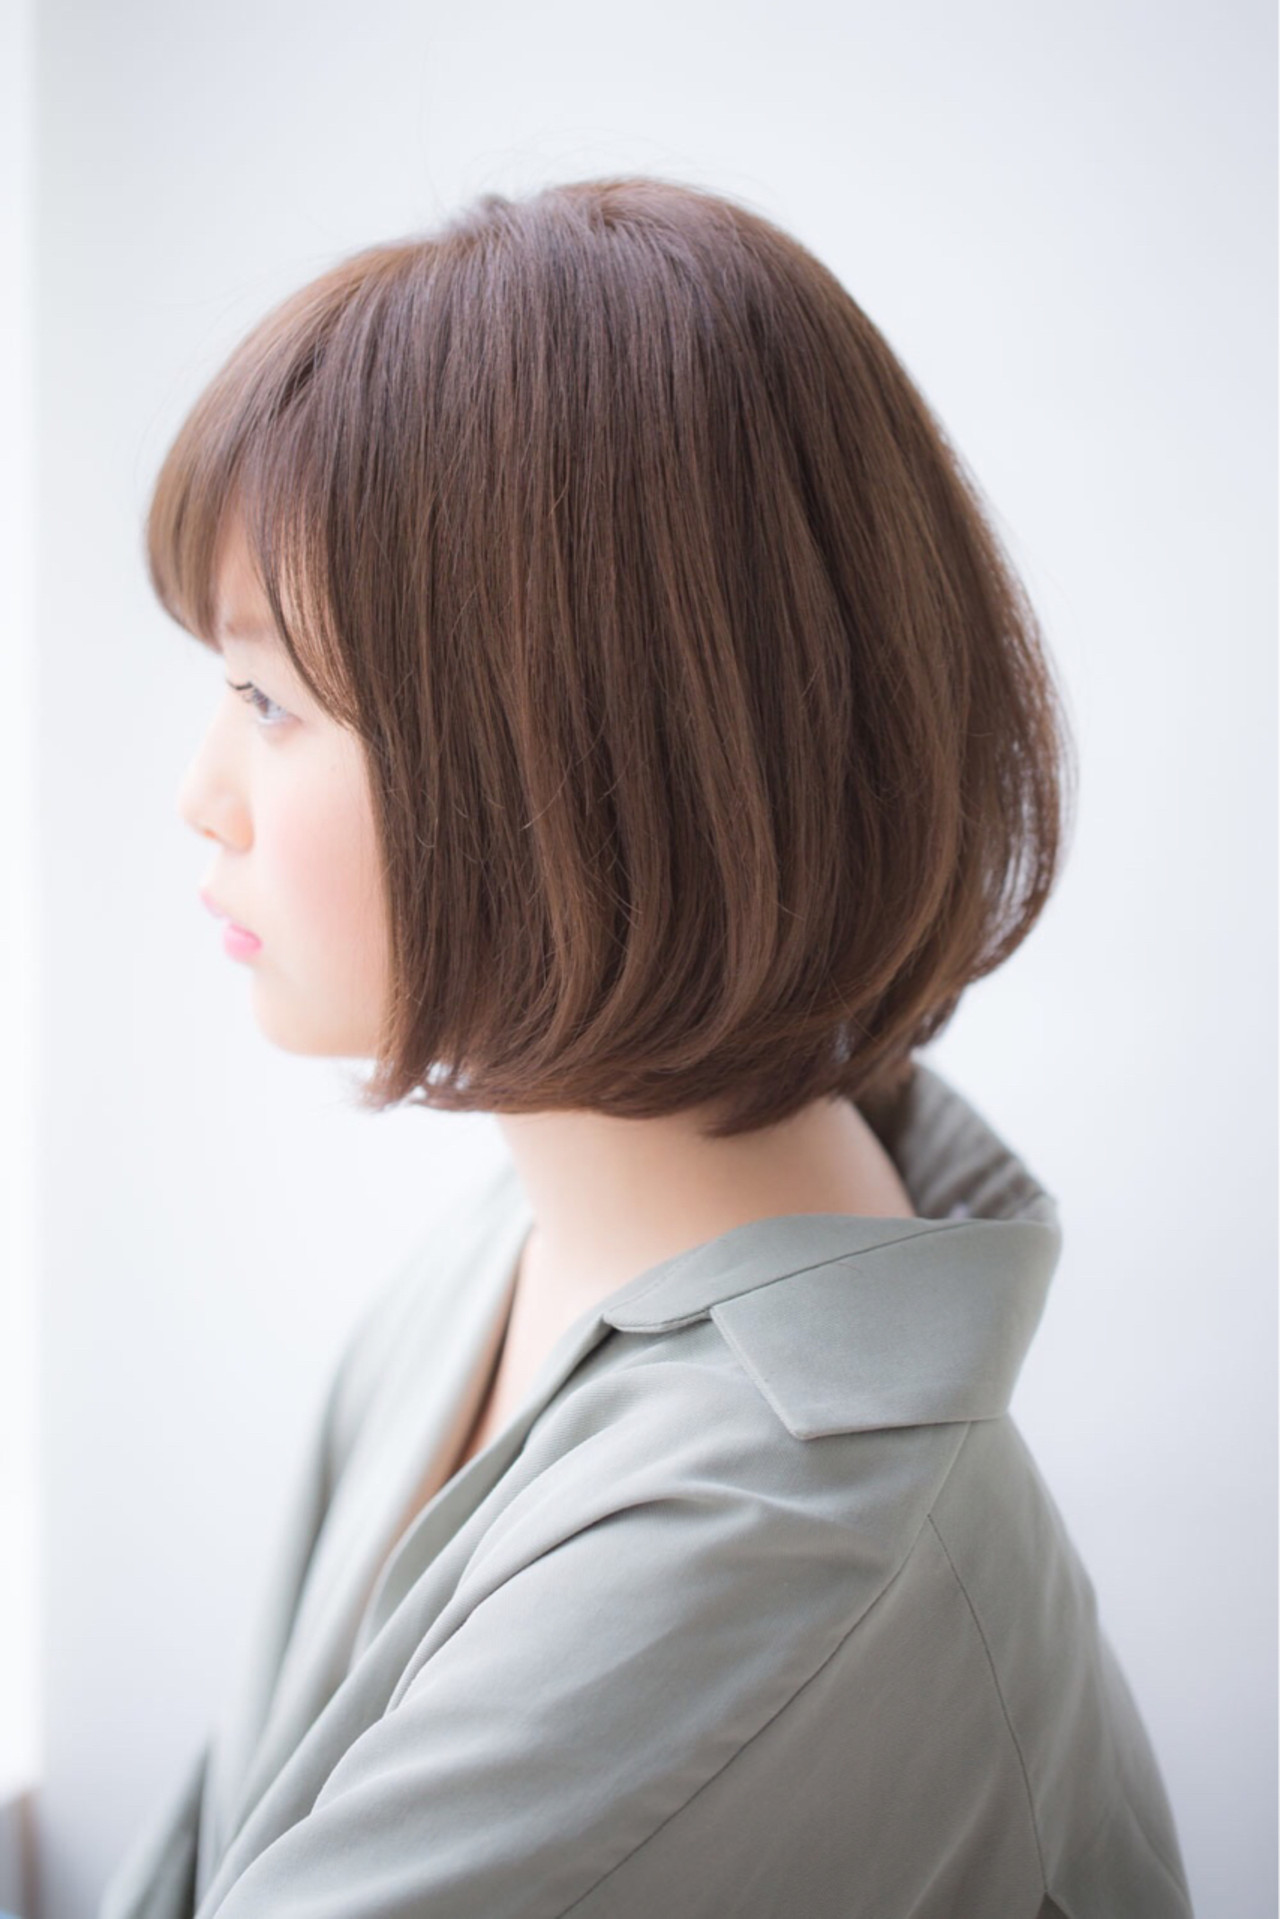 デート ナチュラル パーマ ヘアアレンジ ヘアスタイルや髪型の写真・画像